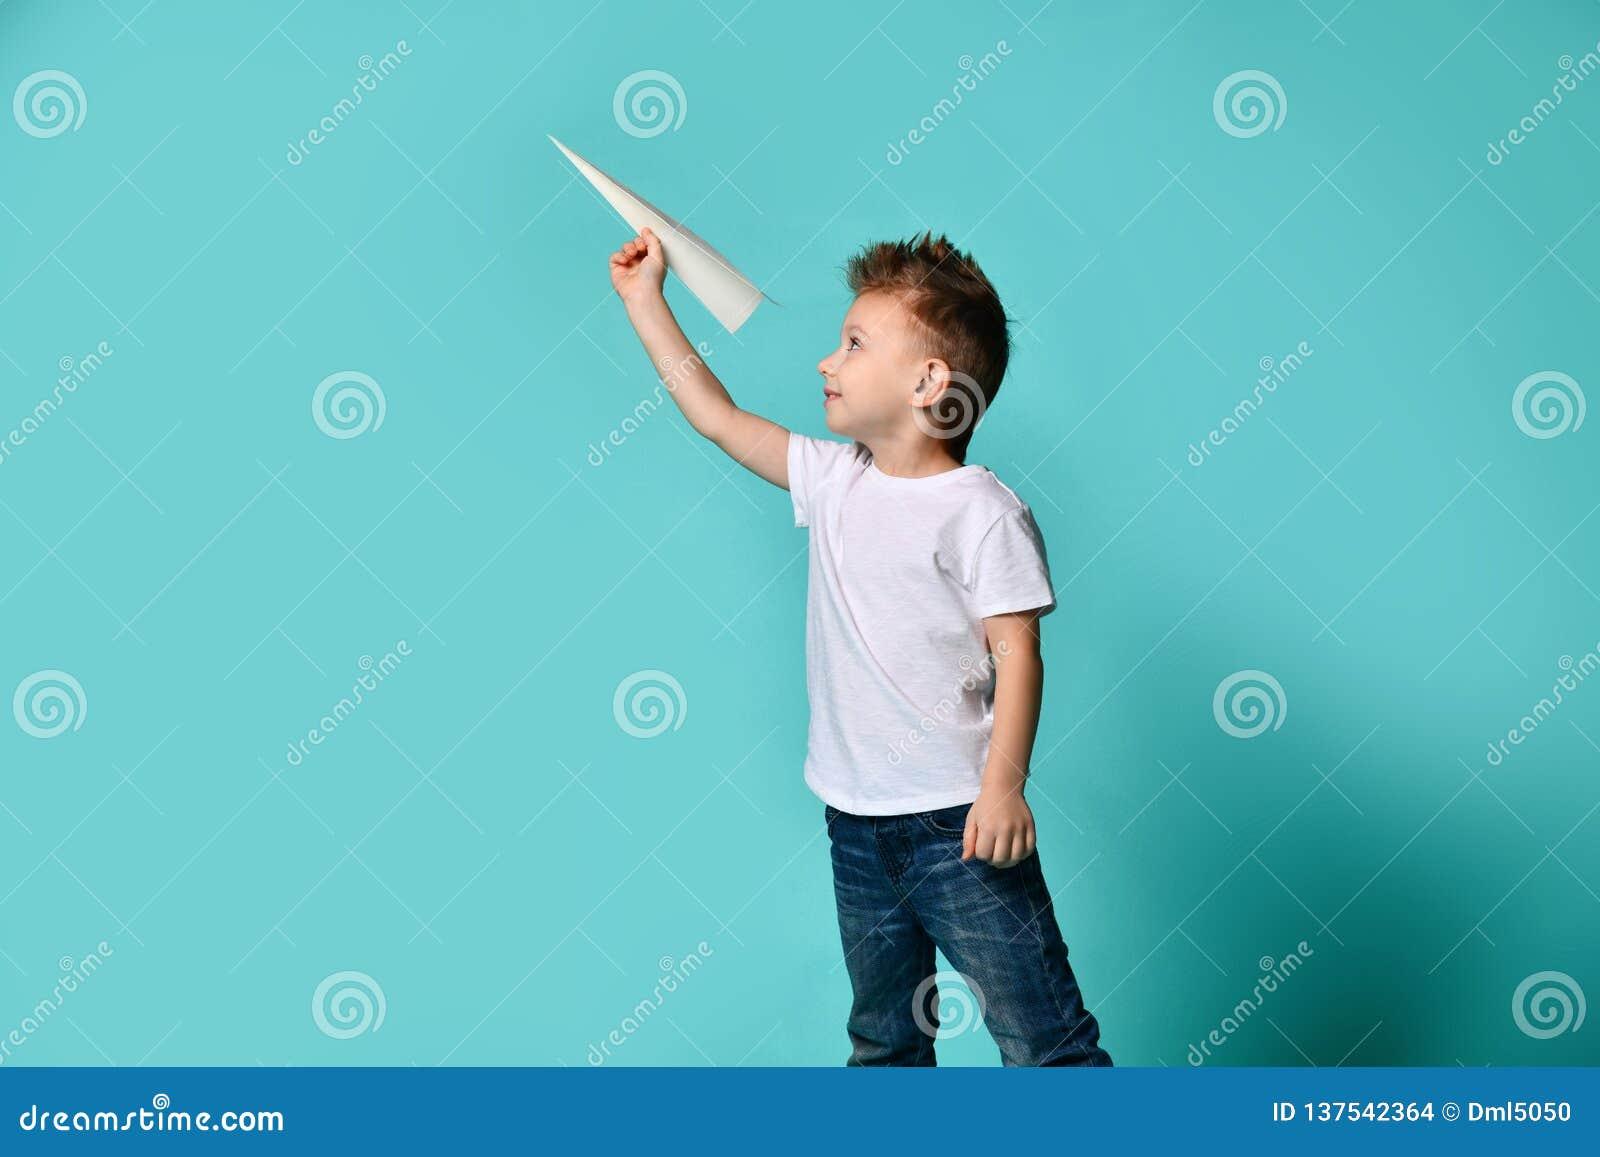 Το μικρό παιδί με το δροσερό παιχνίδι κουρέματος με ένα αεροπλάνο εγγράφου και εξετάζει το Παιδική ηλικία φαντασία